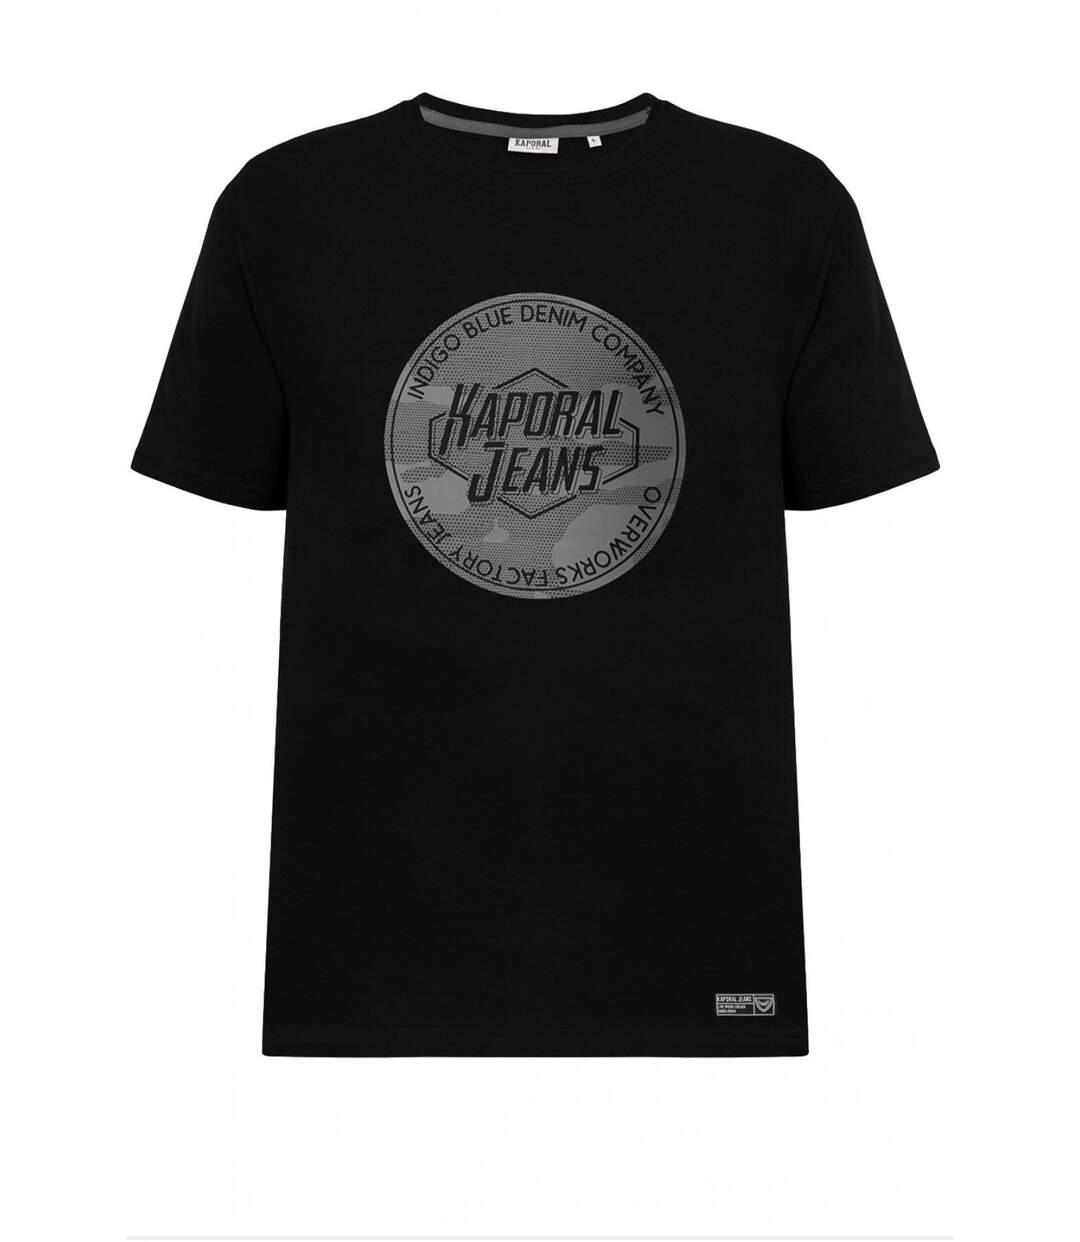 Tee shirt coton à logo printé  -  Kaporal - Homme